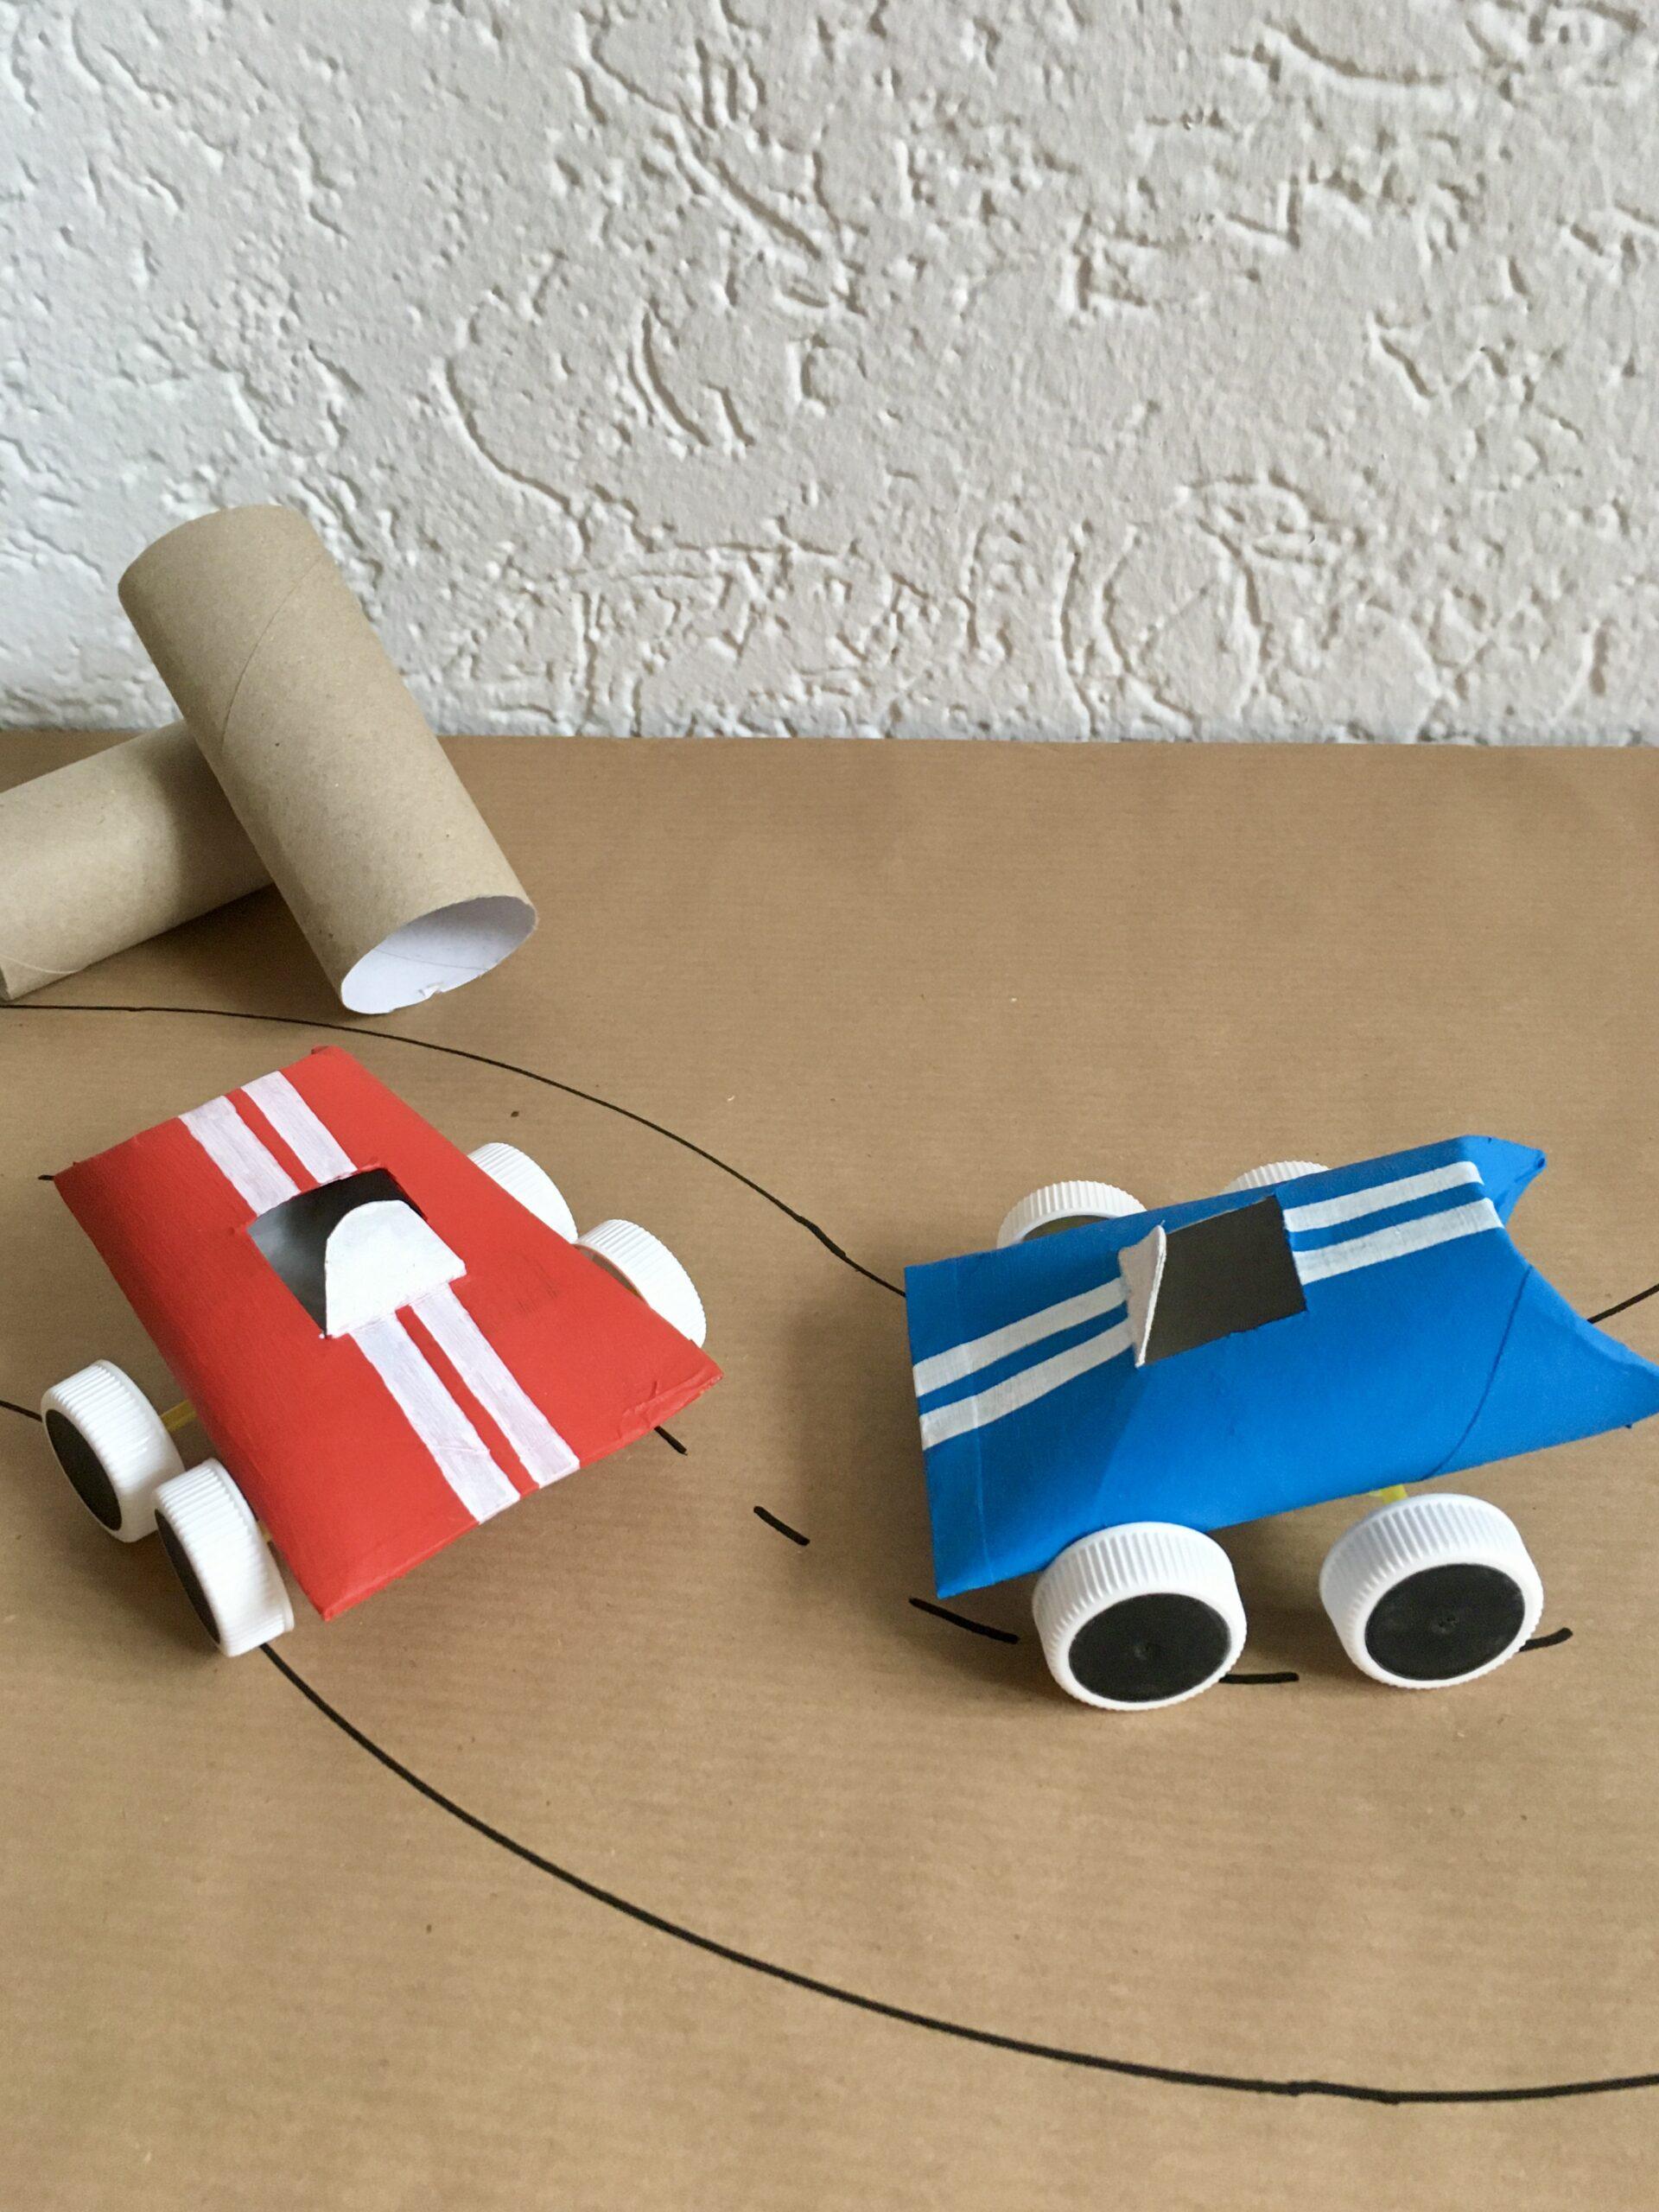 Anleitung: Rennauto basteln aus Toilettenpapierrollen, PET-Deckeln und Strohhalmen | #upcycling #bastelnmitkindern | von Fantasiewerk